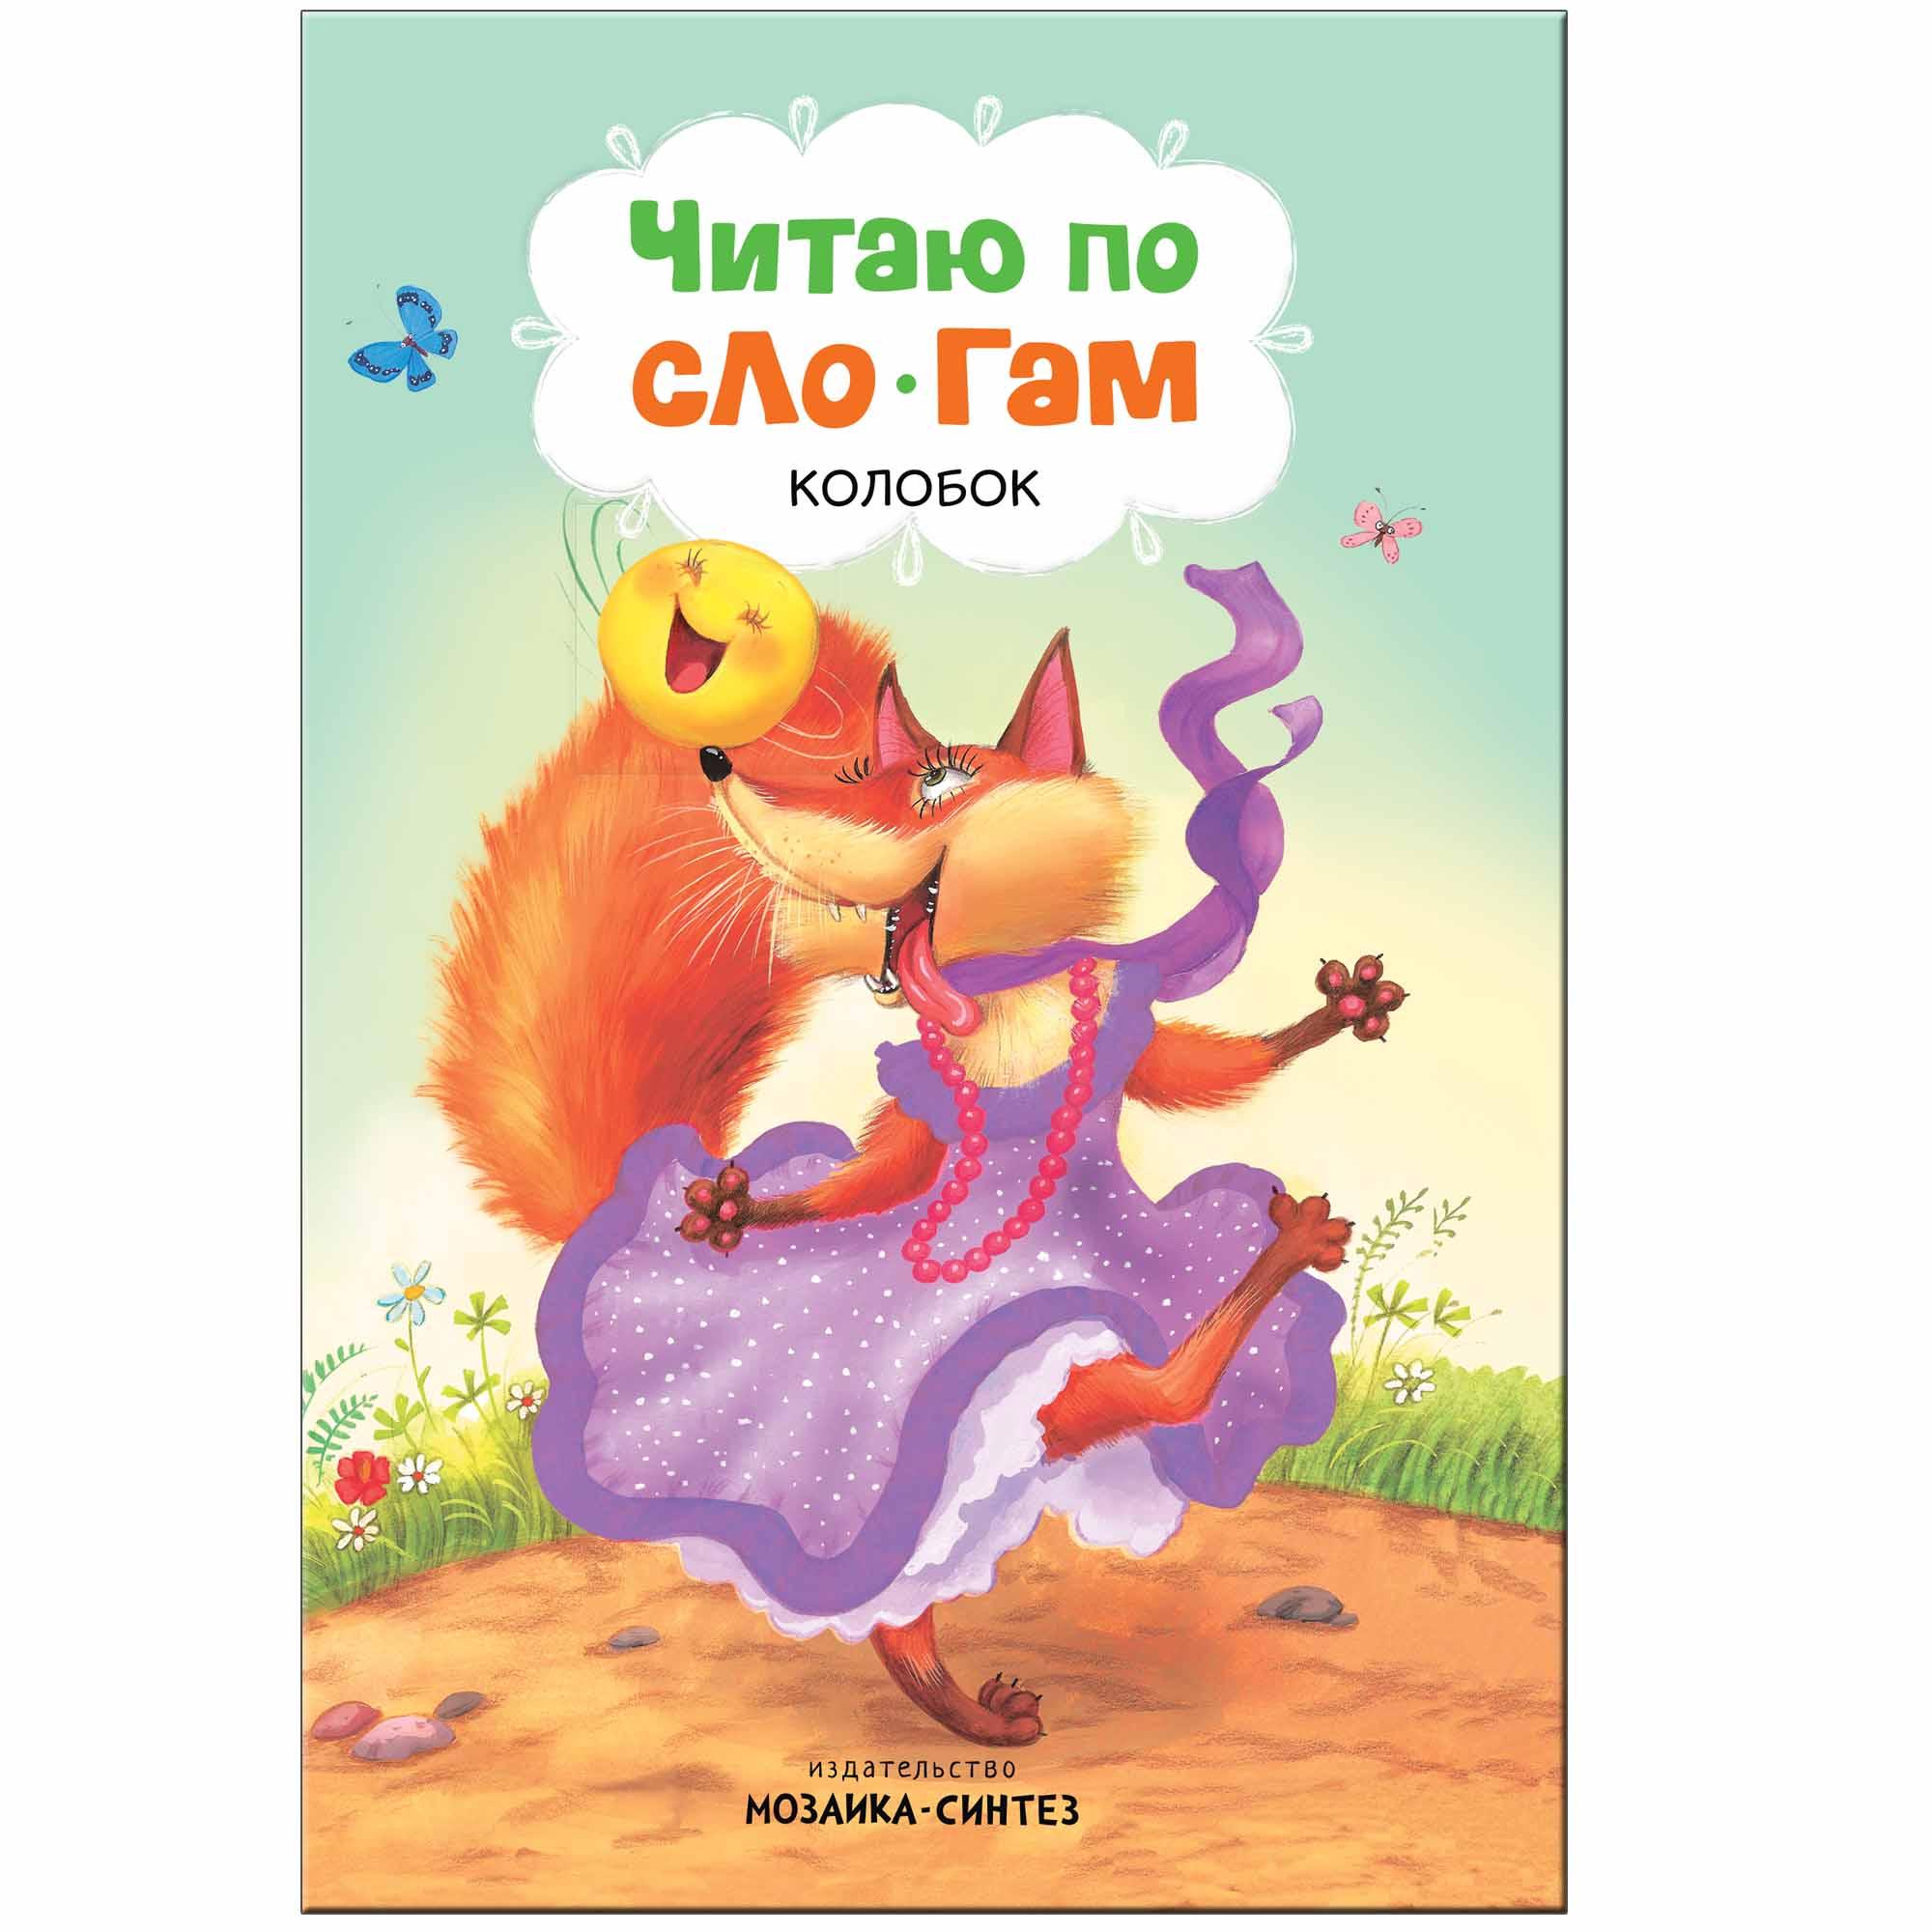 Книга из серии Читаю по слогам - КолобокЧитаем по слогам<br>Книга из серии Читаю по слогам - Колобок<br>